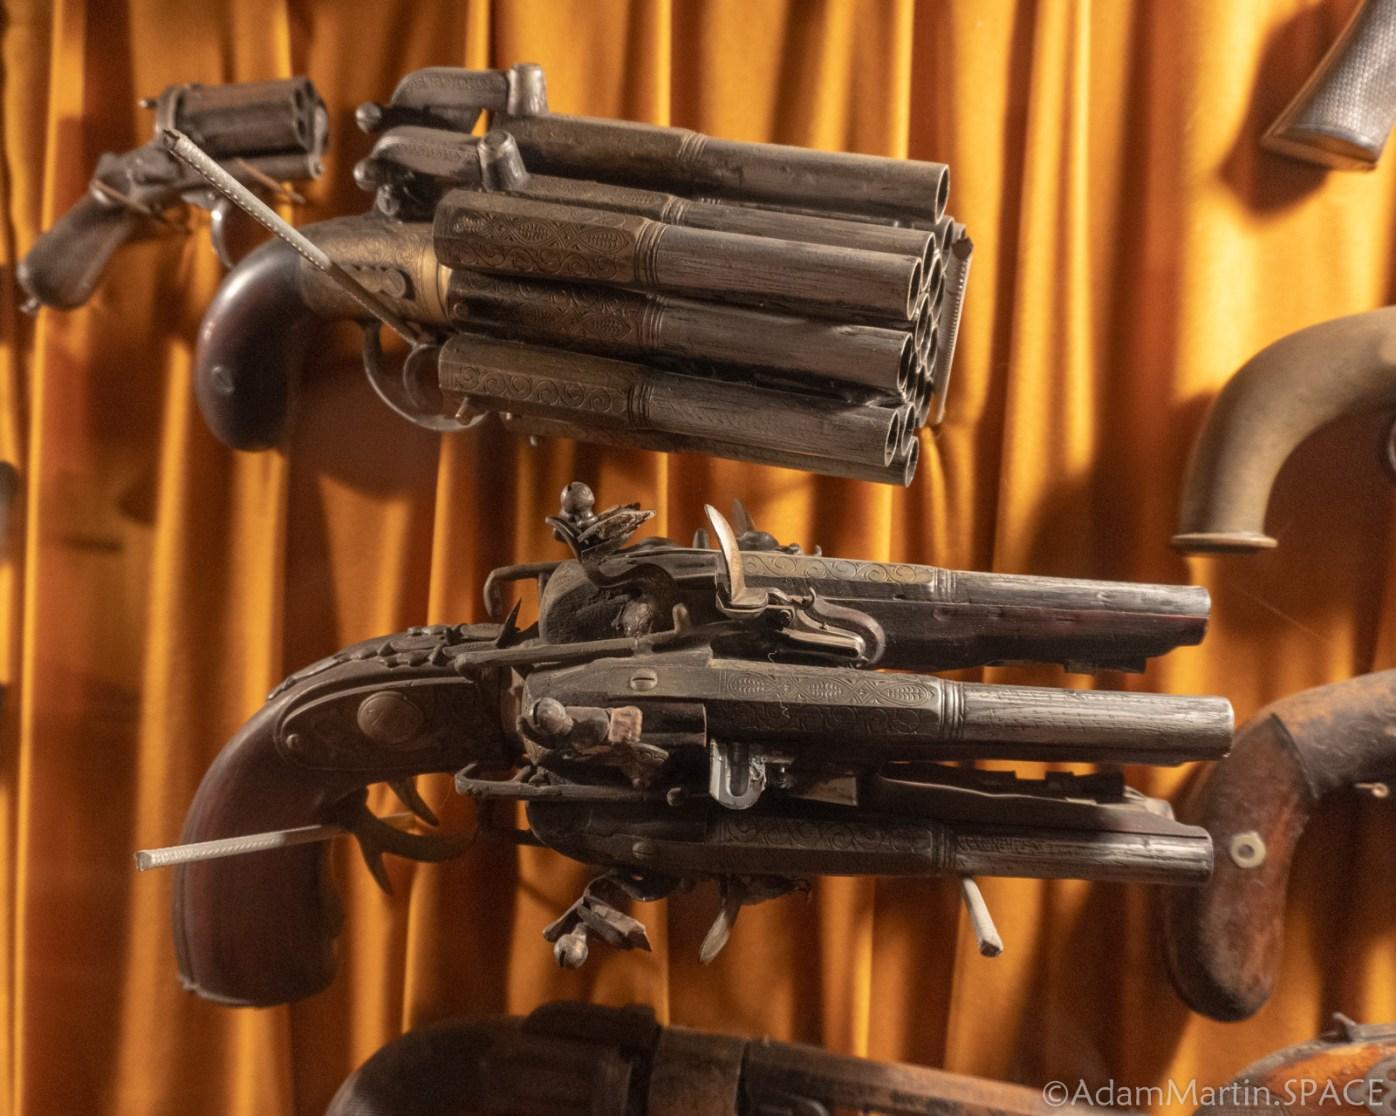 House On The Rock - Fantasy Flintlock Firearms